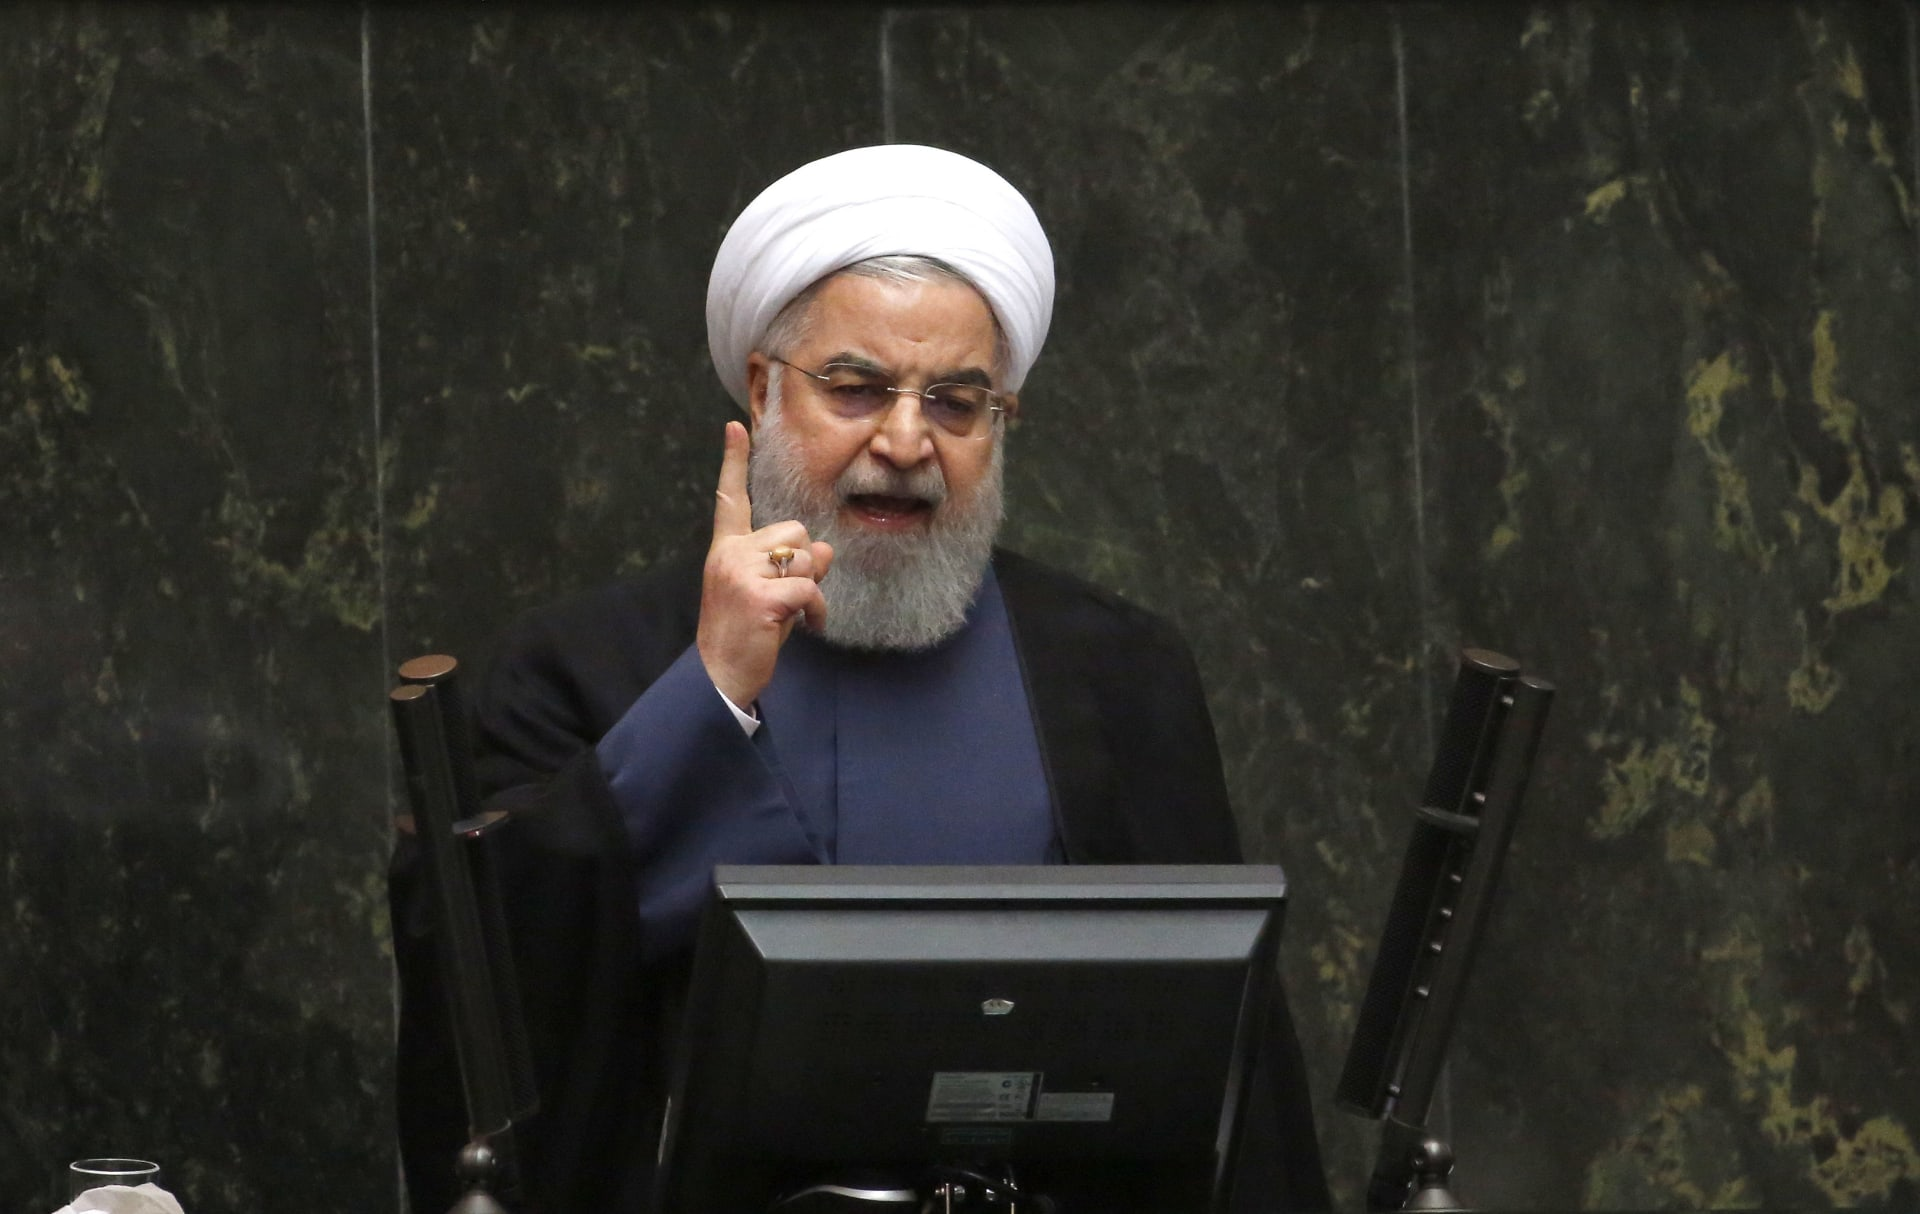 روحاني: نواجه مشكلة بالتبادل المصرفي الخارجي والعملة الصعبة